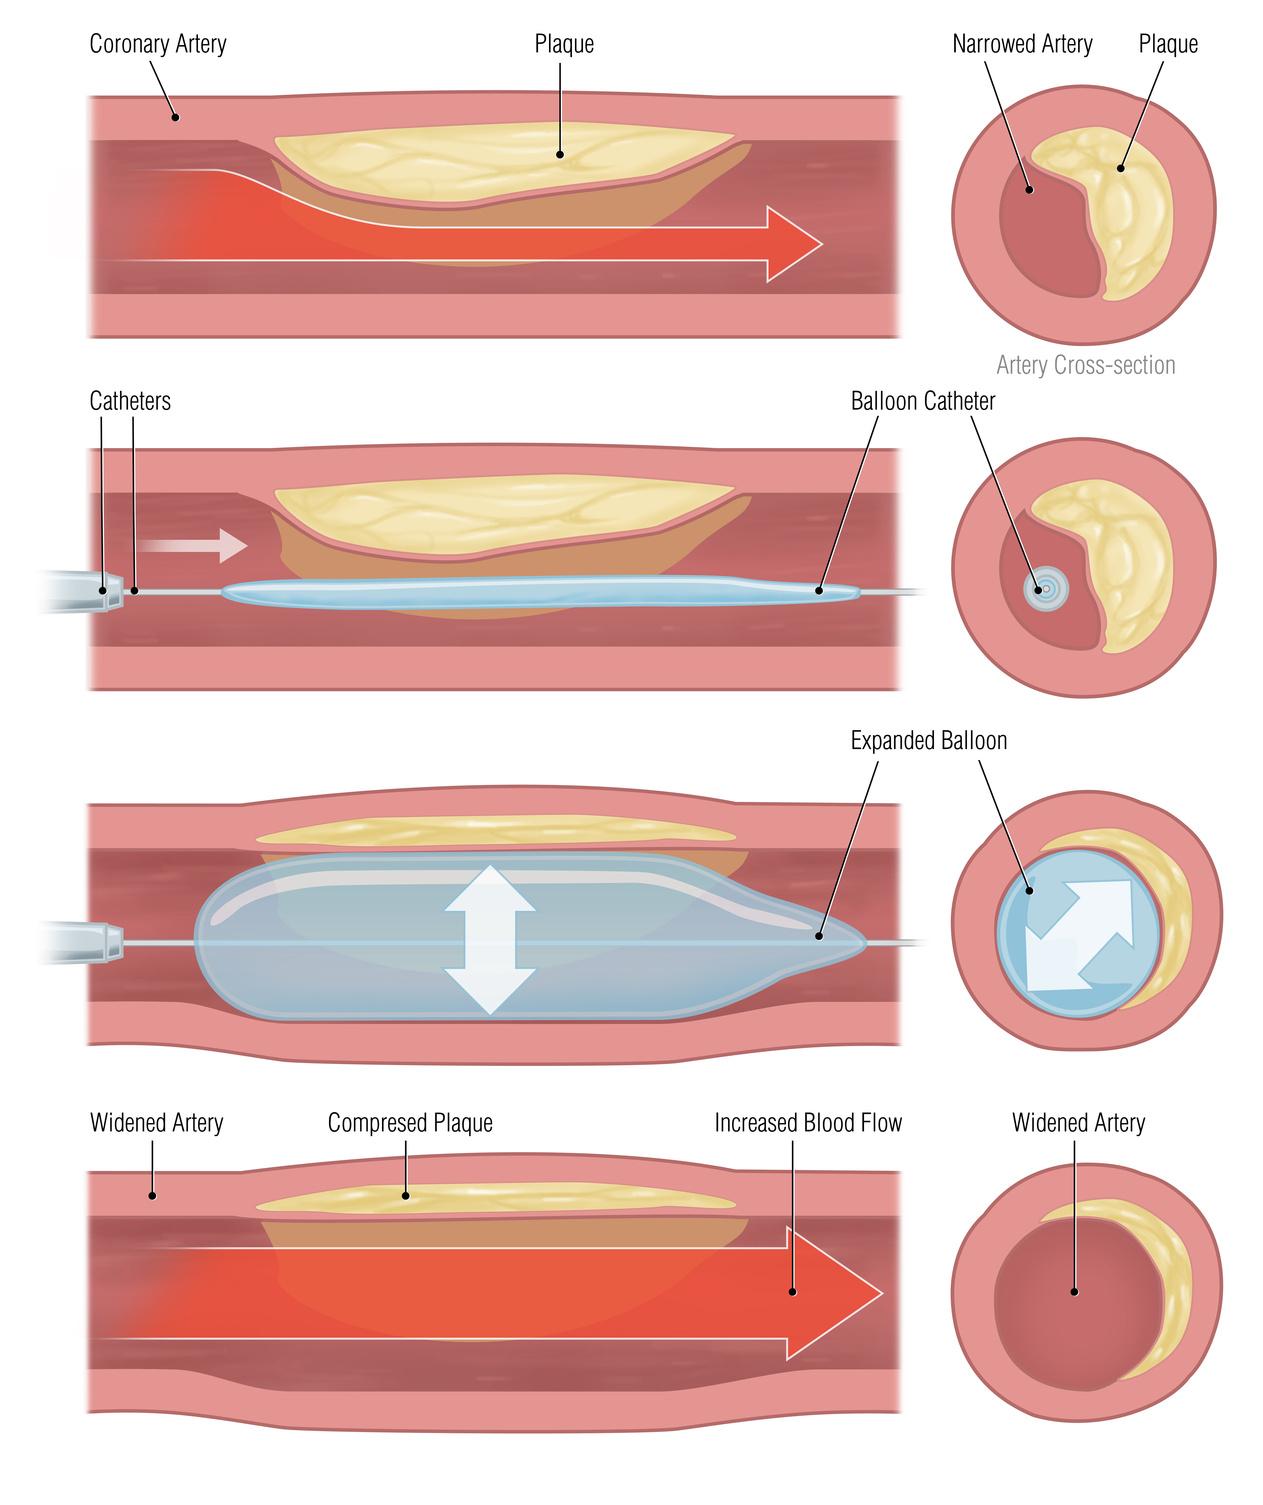 Herzerfrischend Fotolia_43511956_M Ballondilatation und Stentimplantation Diagnose und Therapie  Stentimplantation Stent PTCA Herzinfarkt Ballonkatheter Ballondilatation